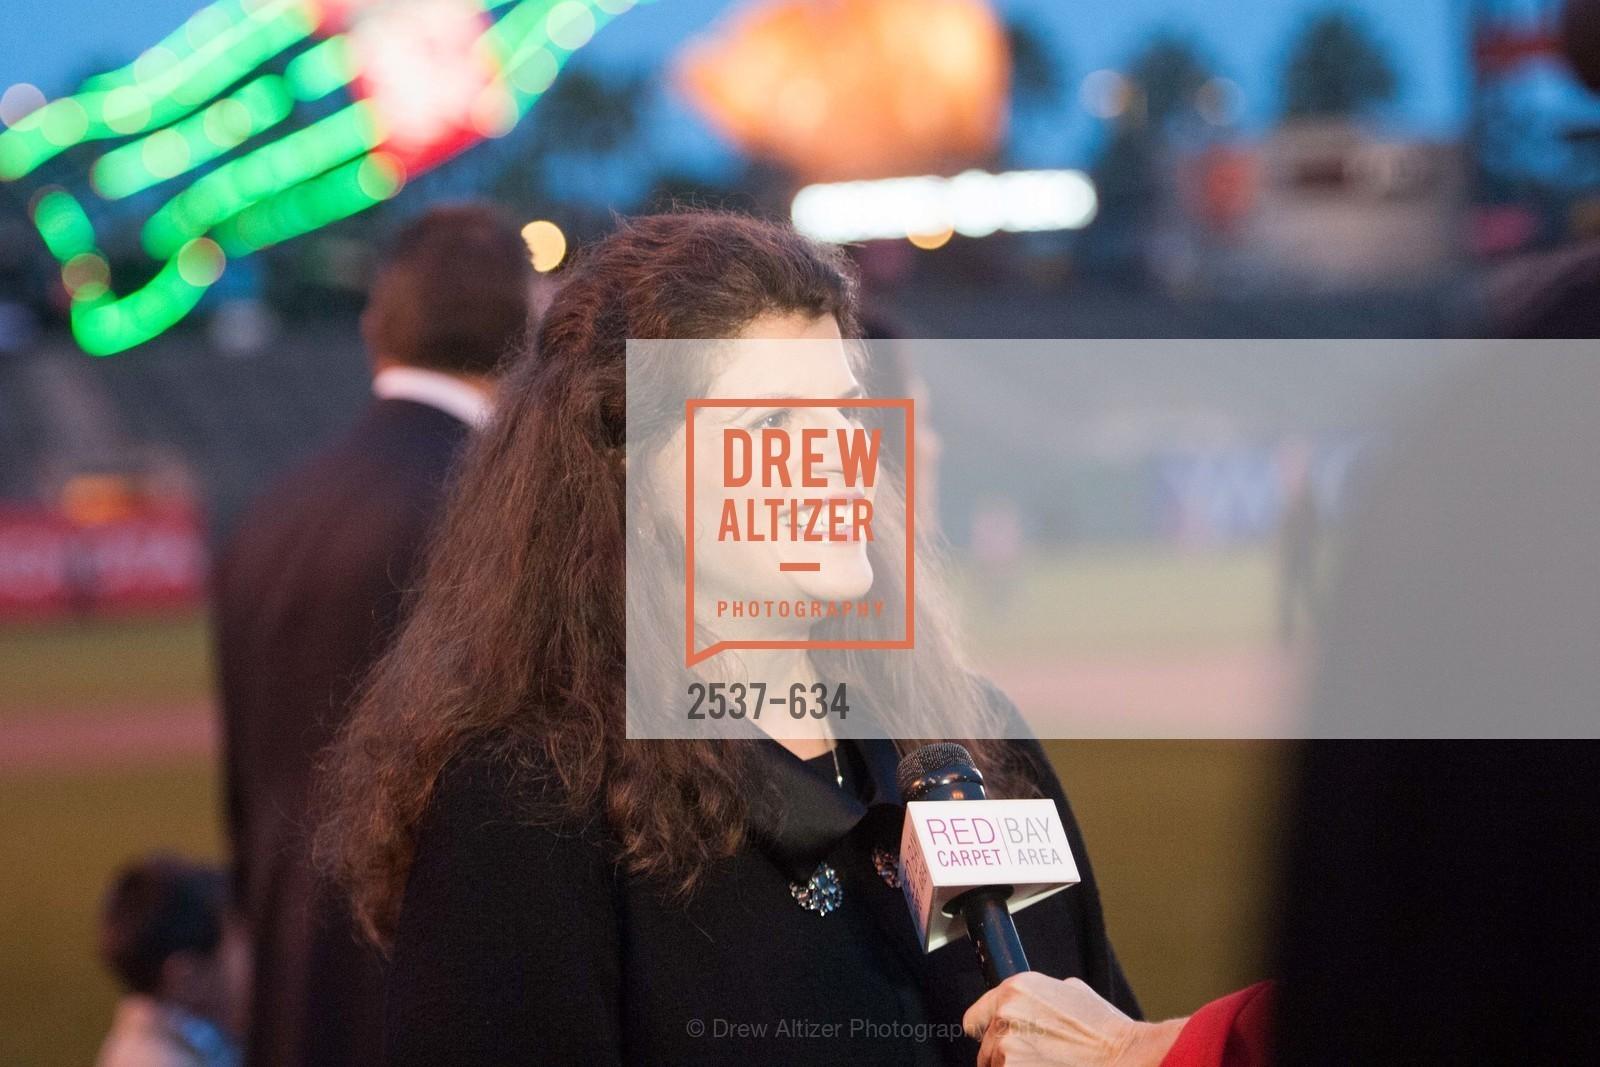 Amy Wender-Hoch, Photo #2537-634